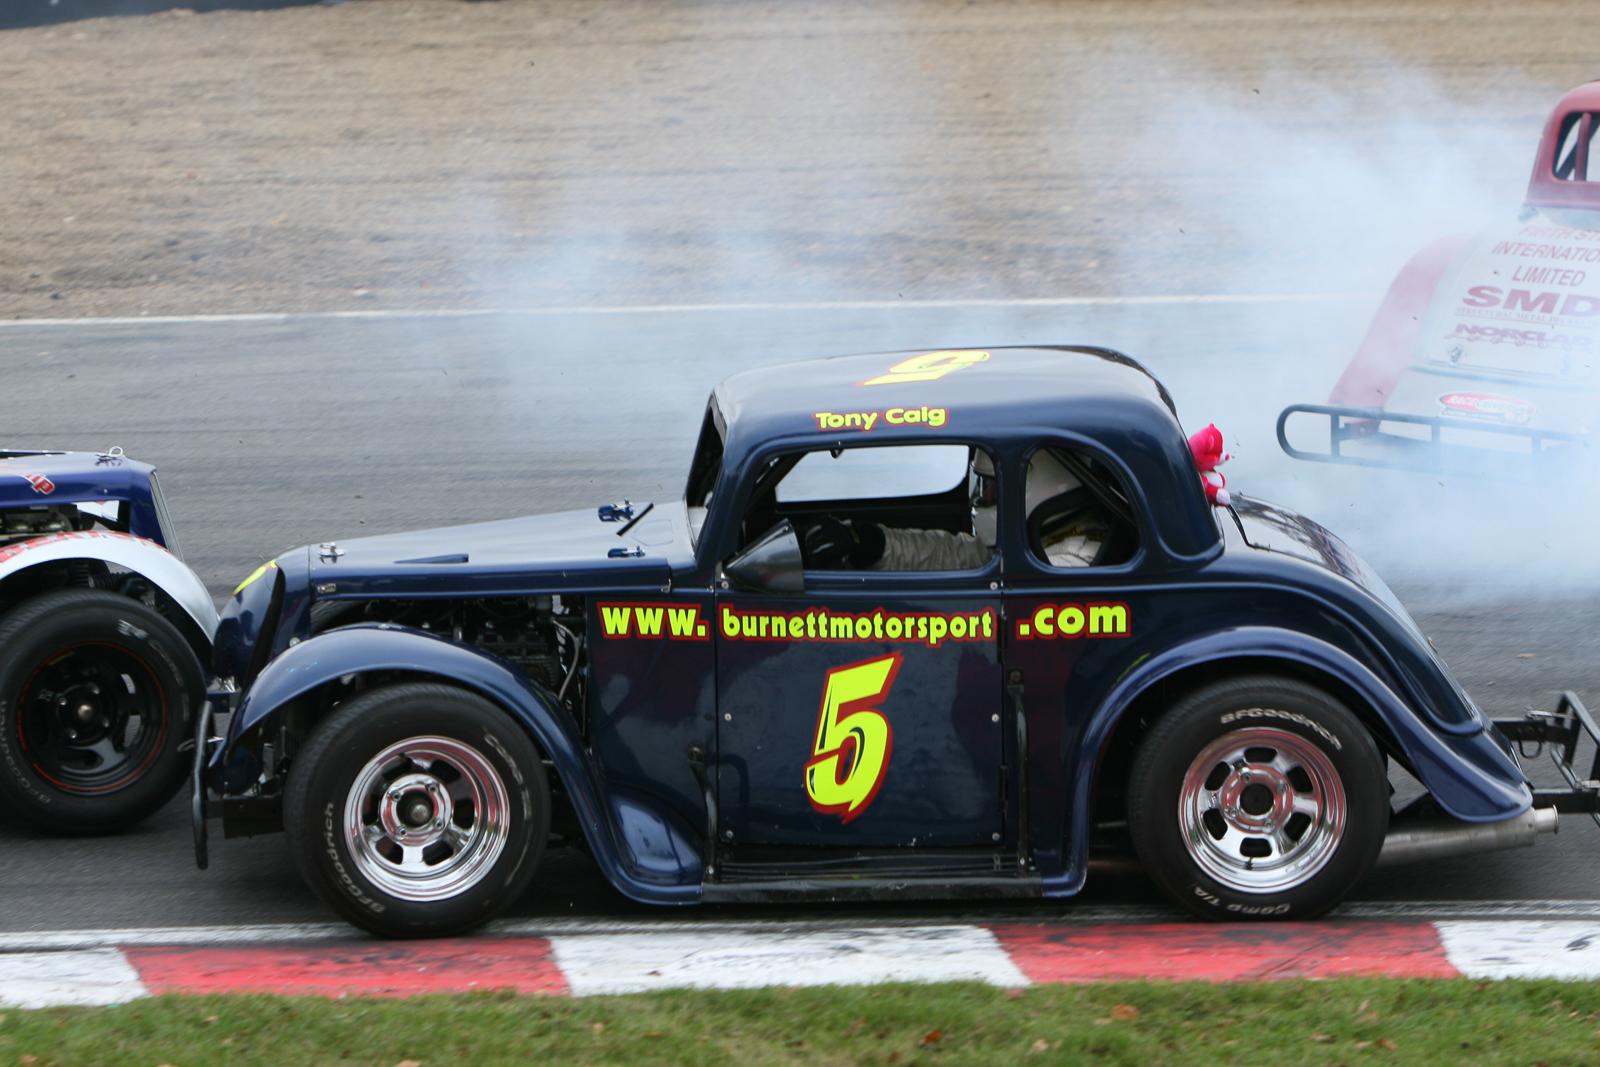 20071103 - Truck Racing Brands -071103 -042